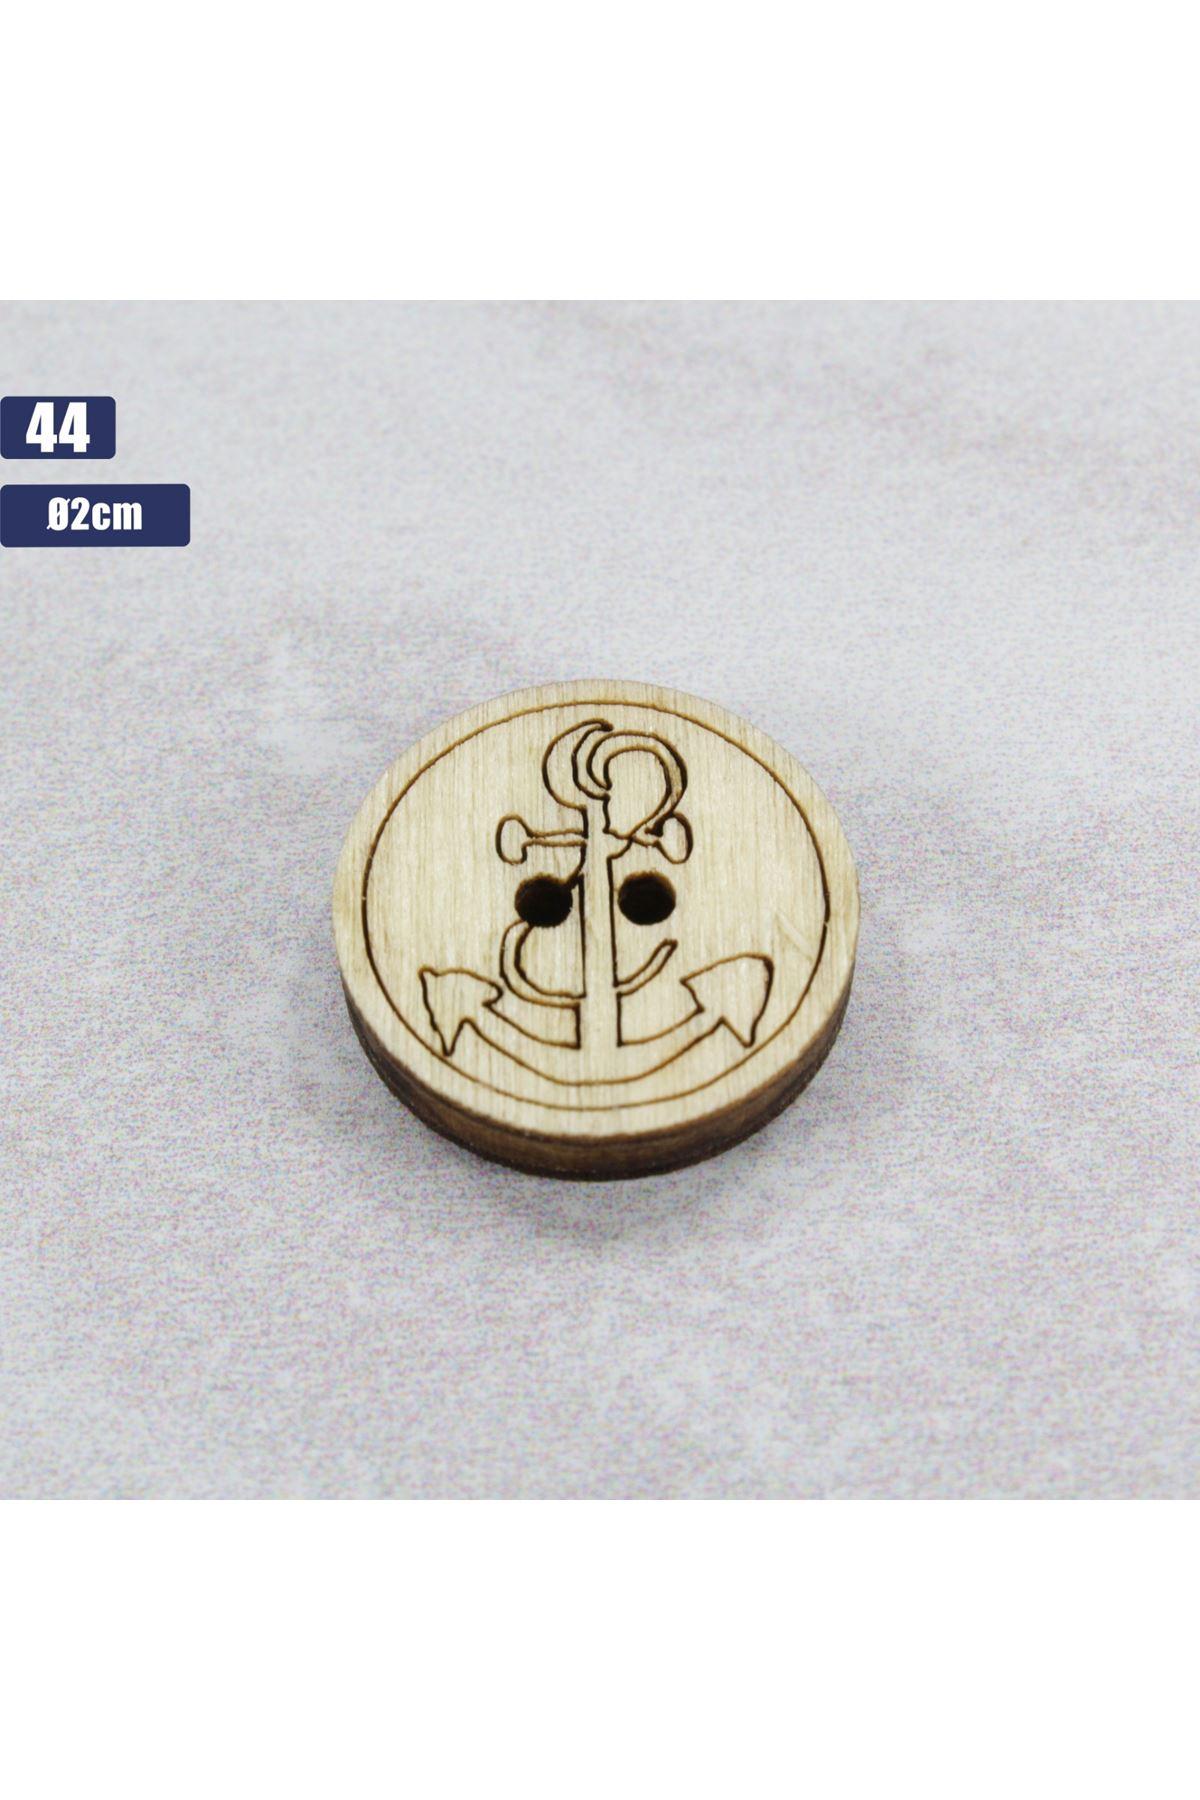 Düğme 1 Adet - 44